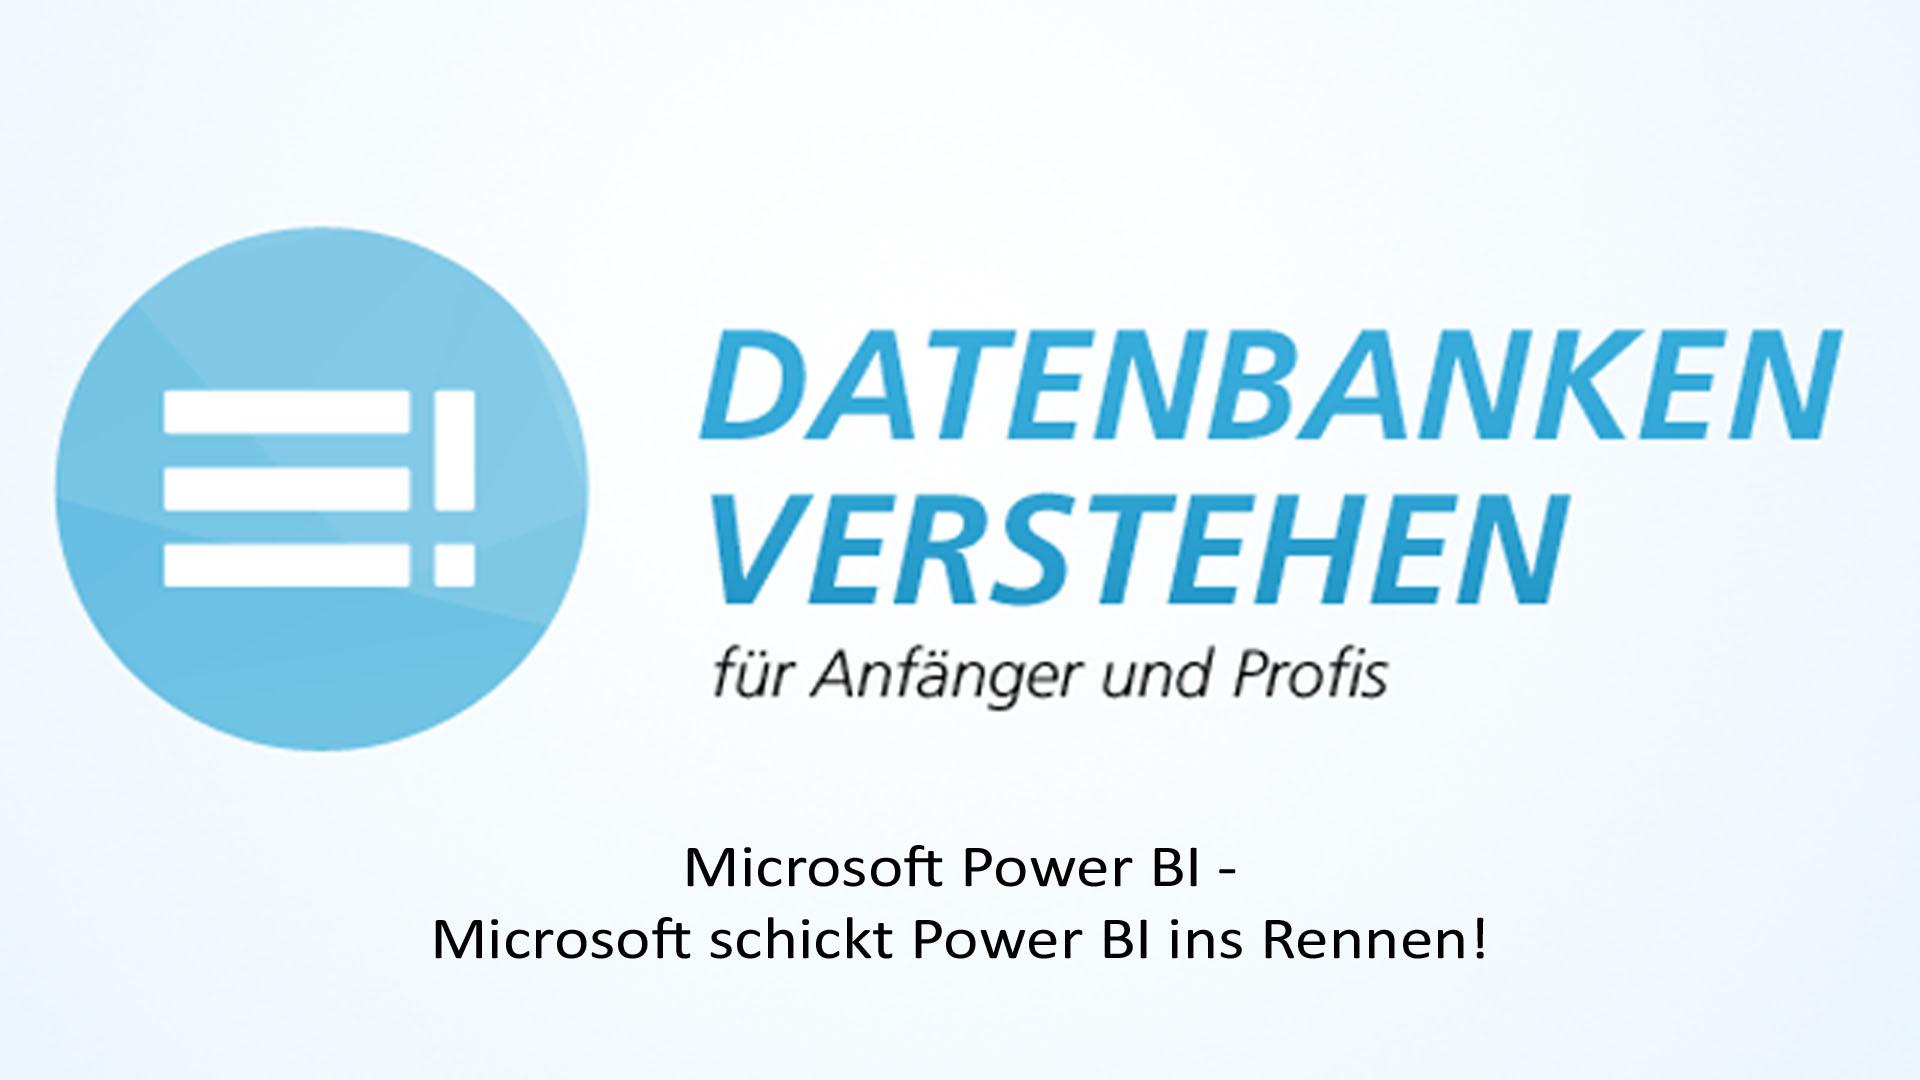 Microsoft schickt Power BI ins Rennen! | Datenbank Blog